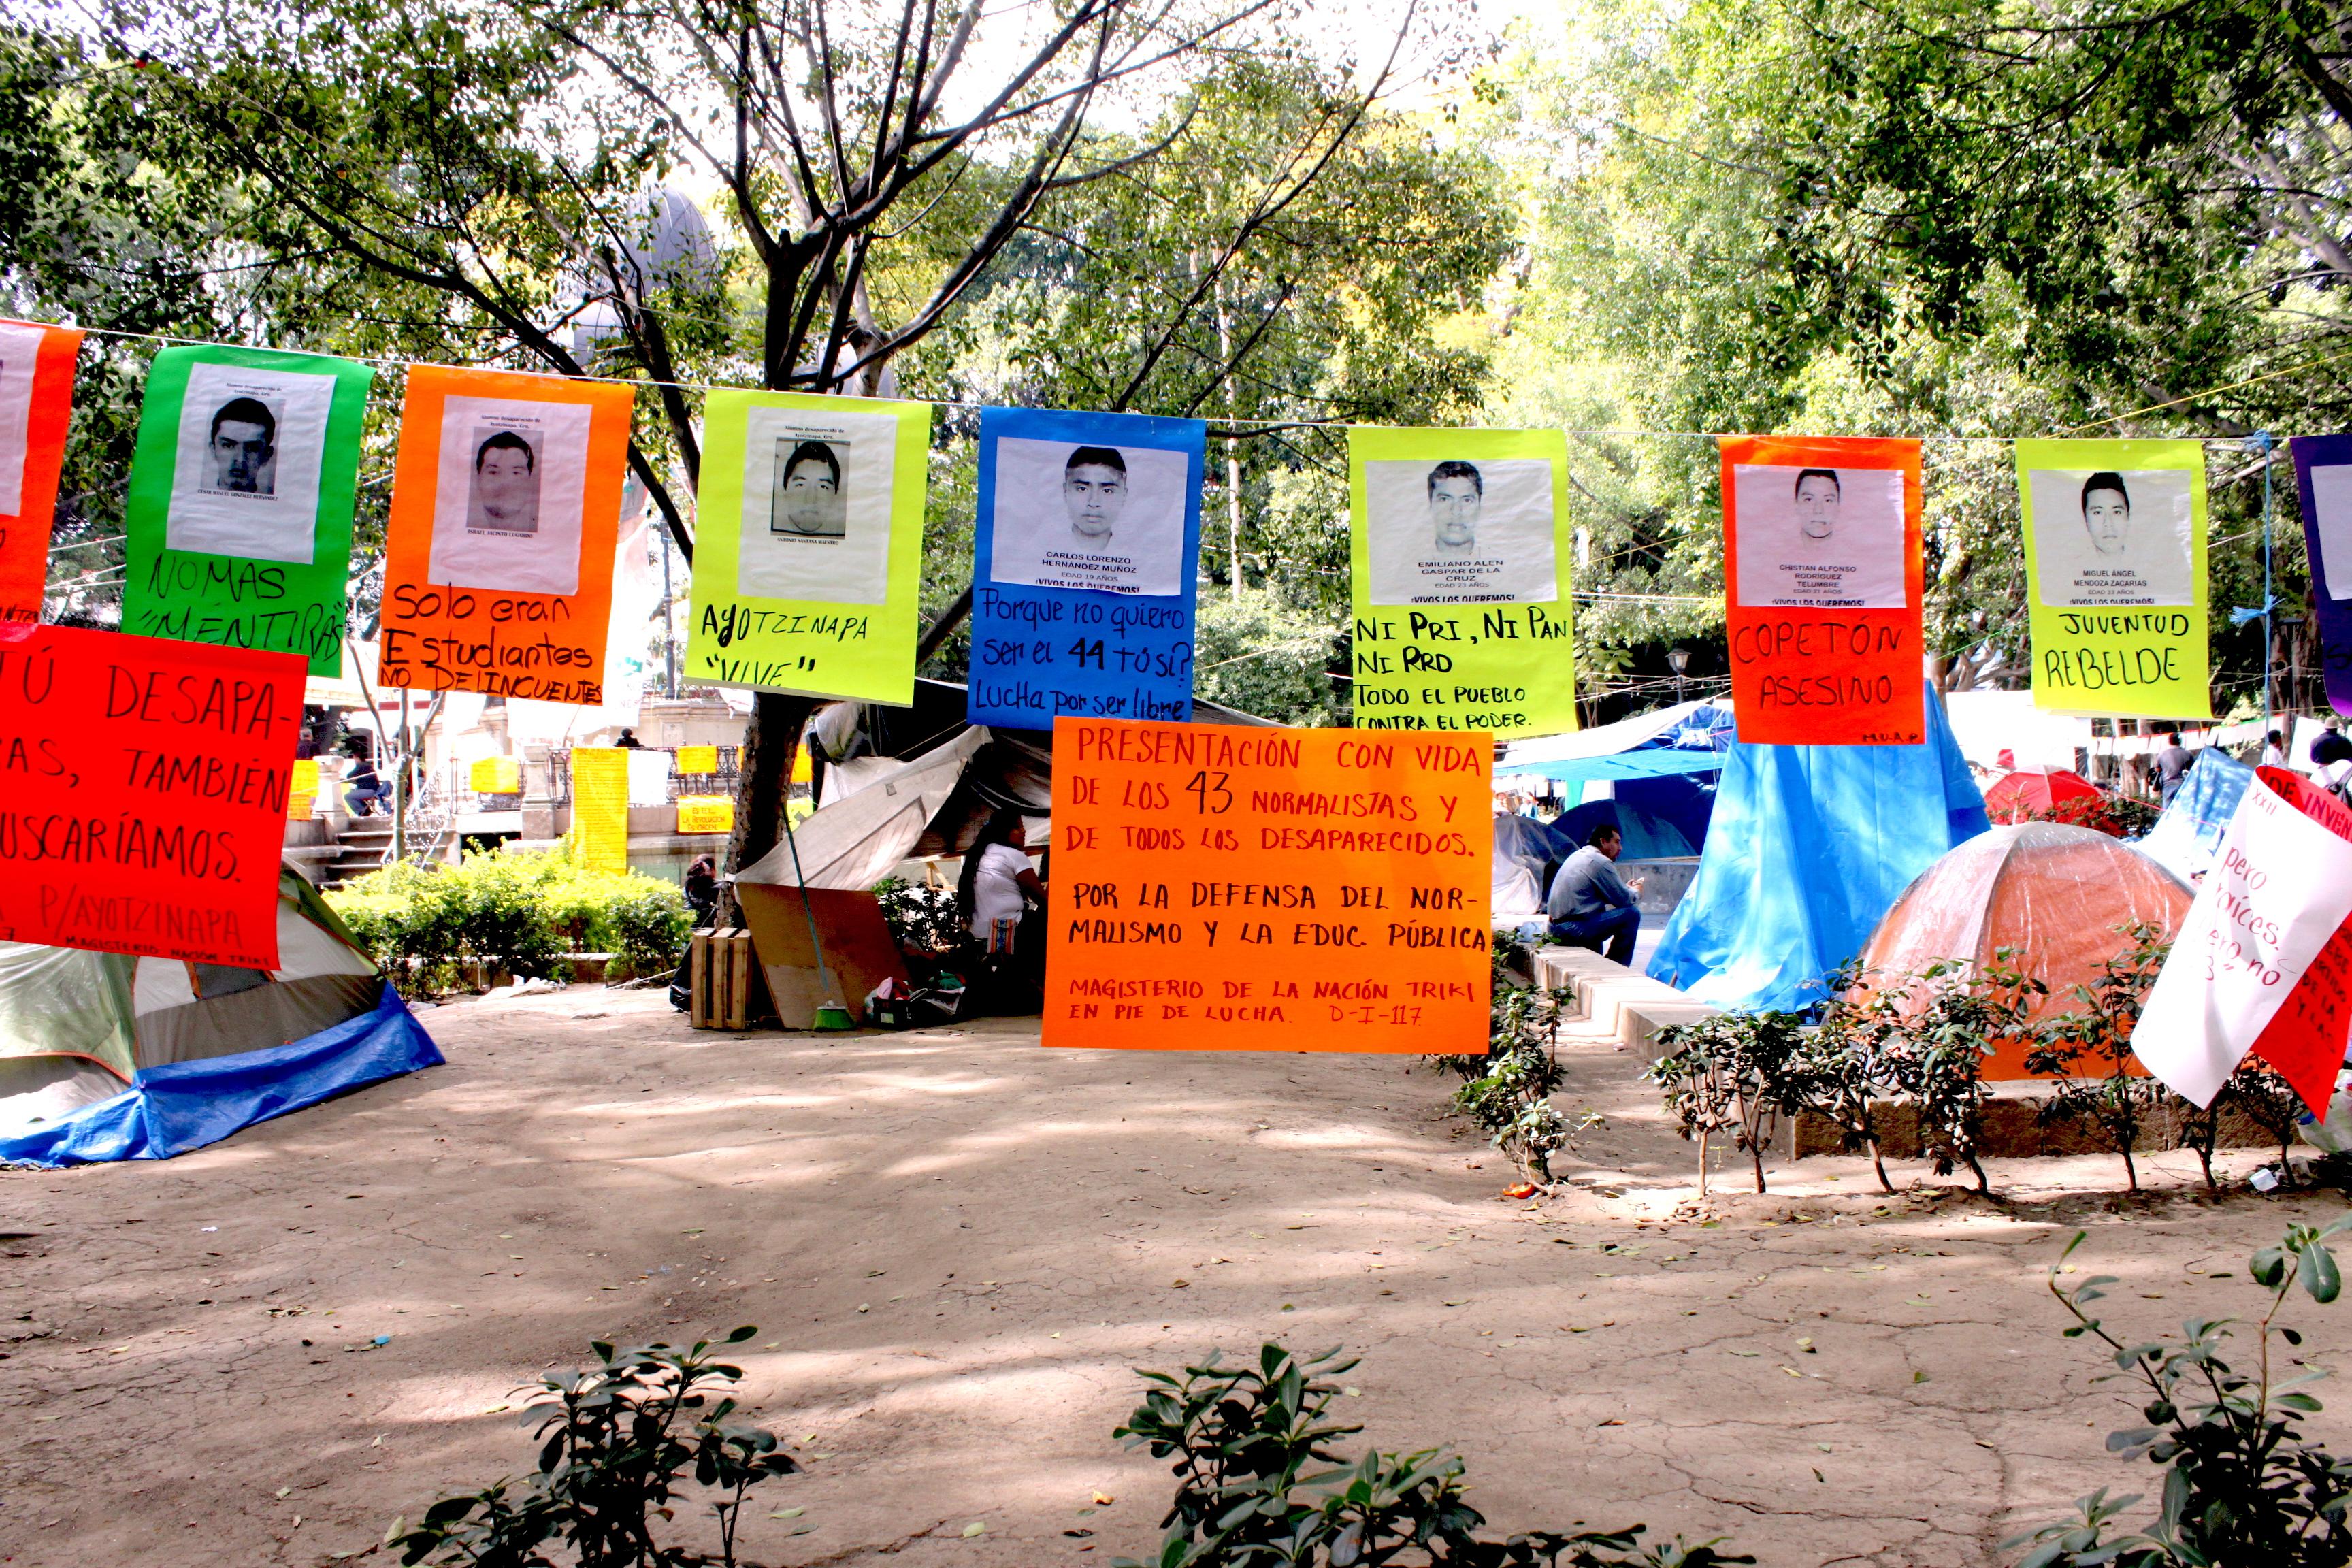 ayotzinapa vive